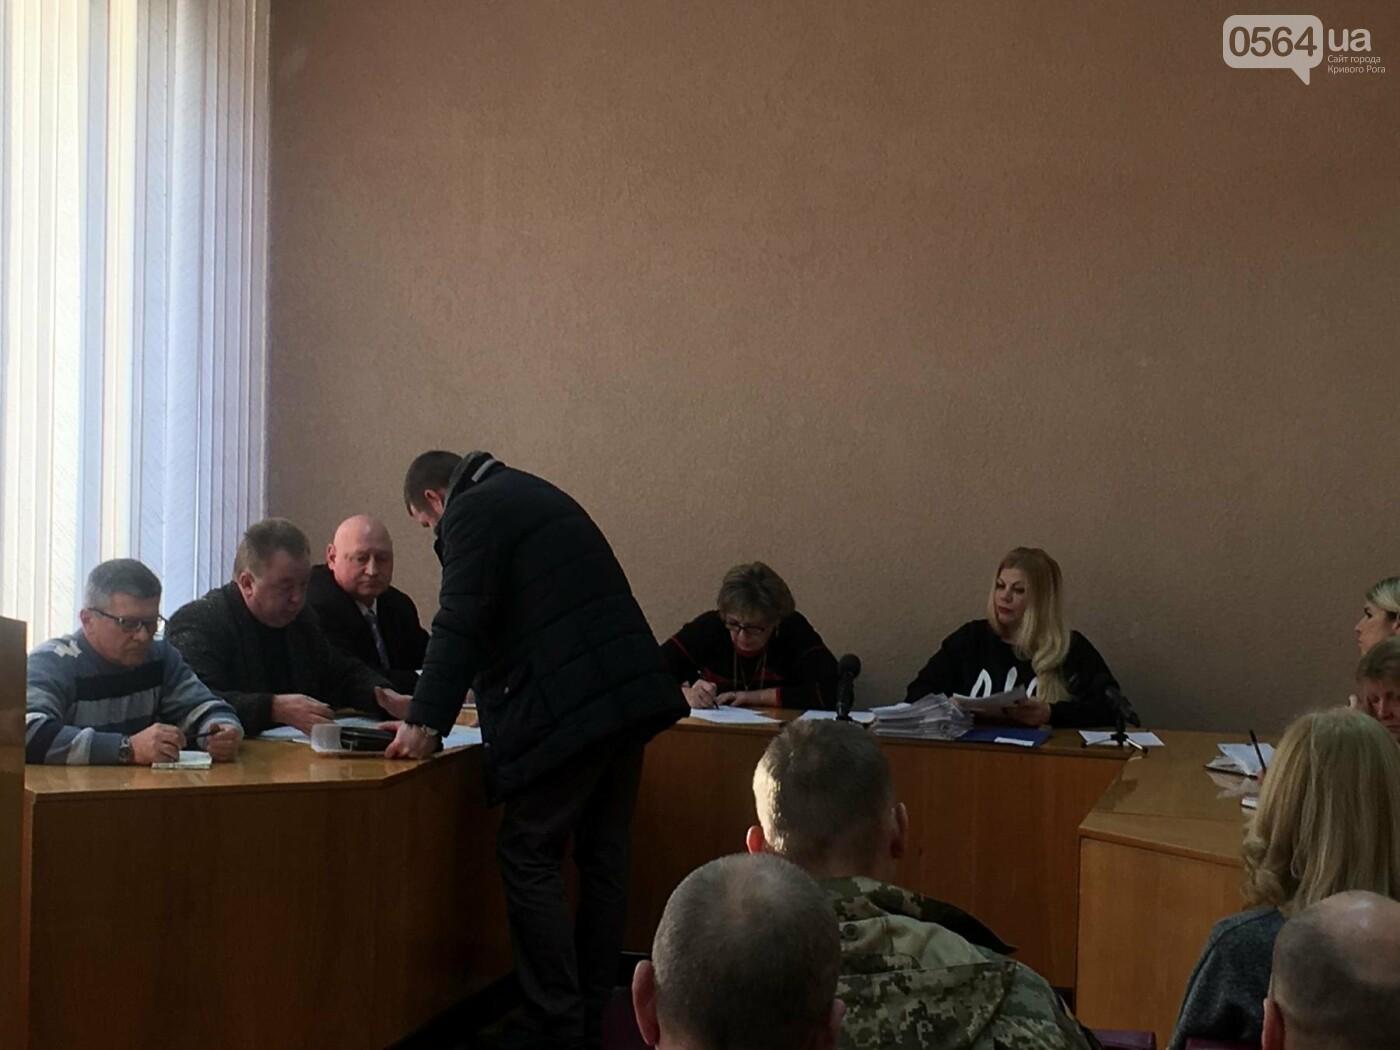 В Кривом Роге 52 бойца АТО получили землю под строительство жилья (ФОТО), фото-2